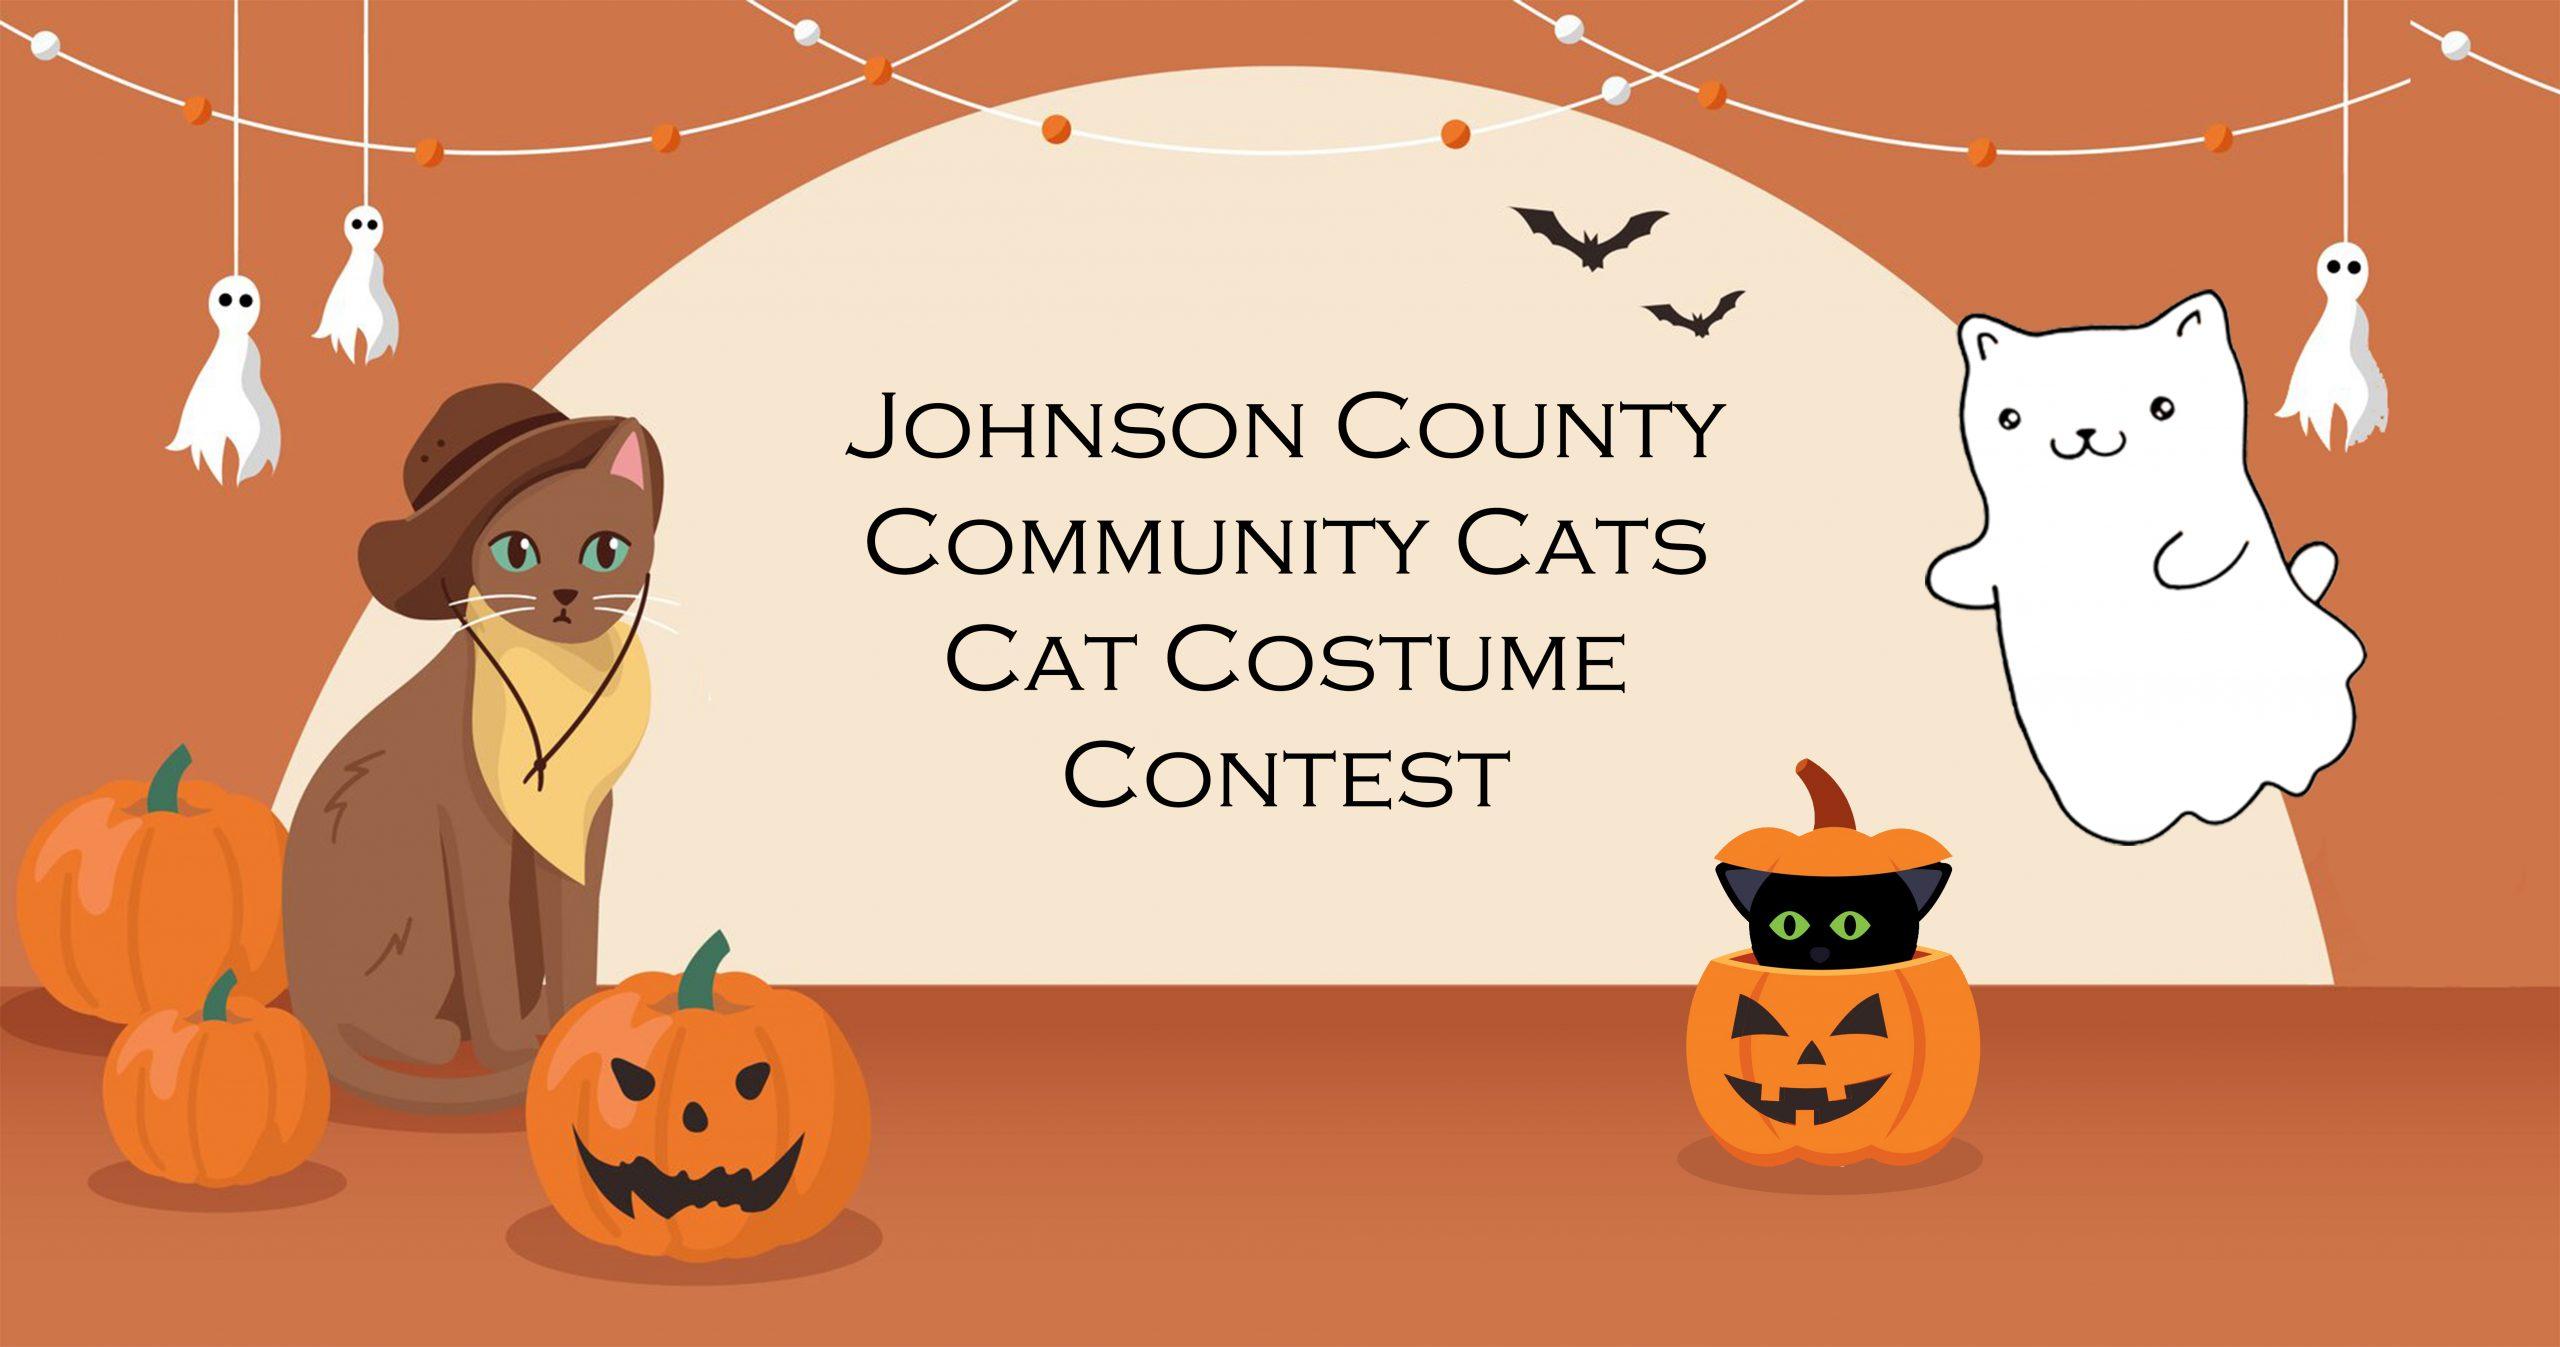 Cat Costume Contest